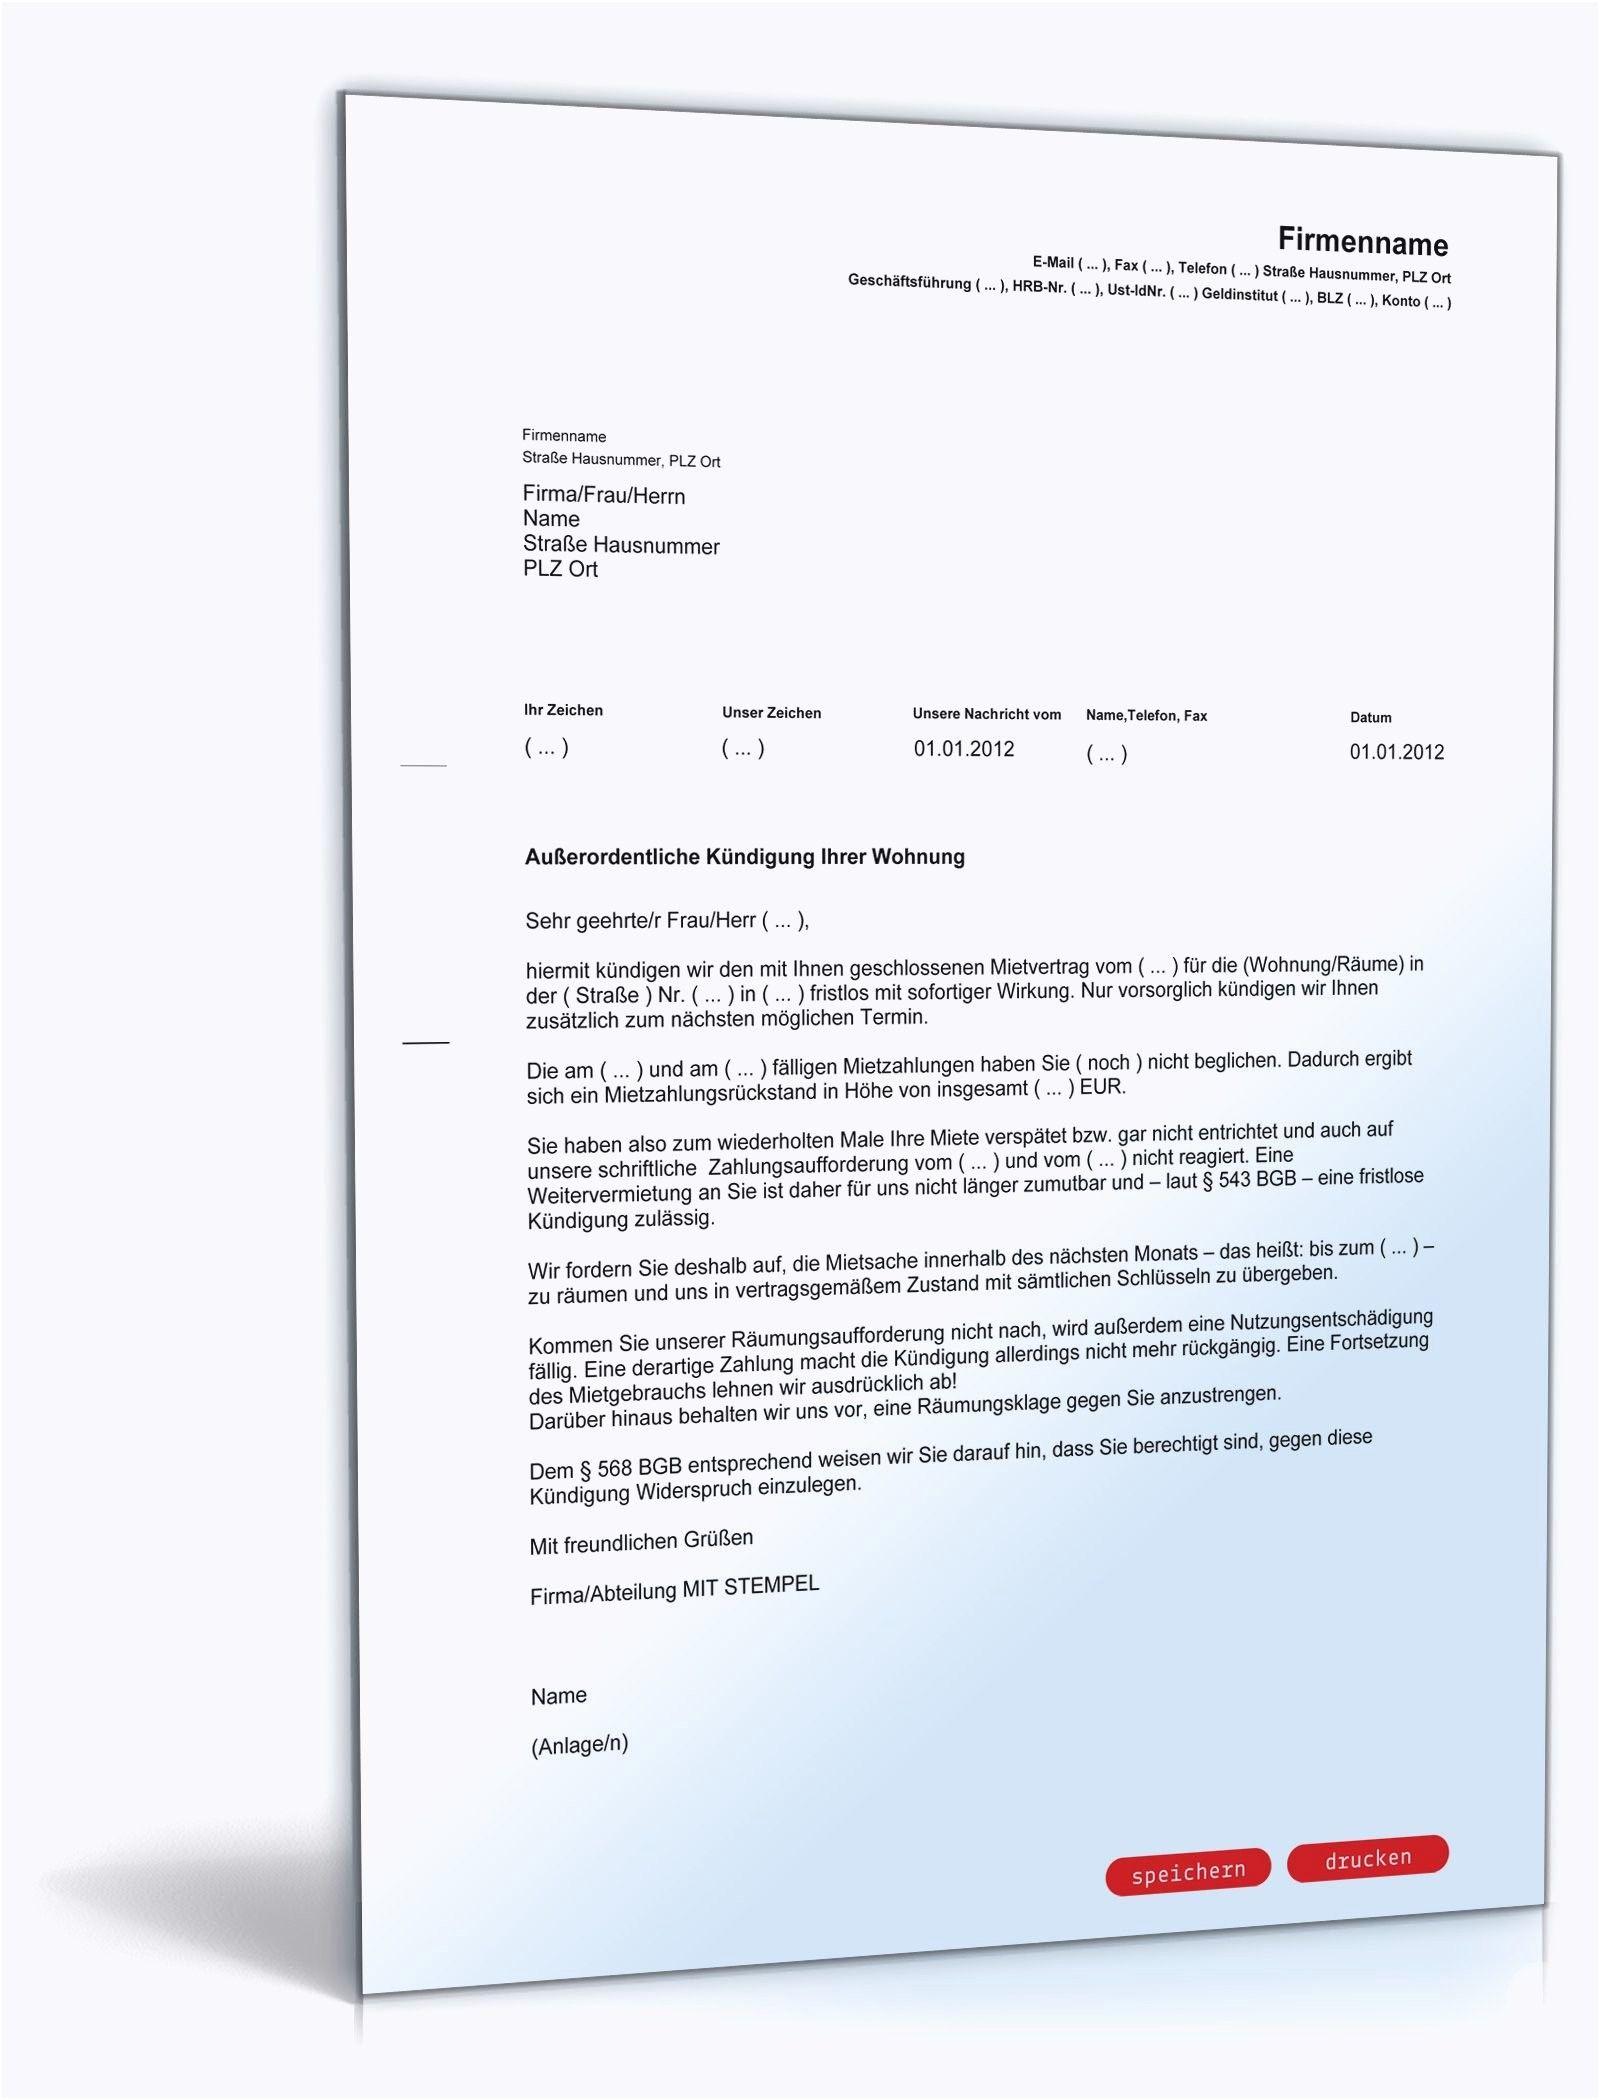 Einzigartig Gelangensbestatigung Muster Word Dokument Briefprobe Briefformat Briefvorlage Vorlagen Word Lebenslauf Lebenslauf Layout